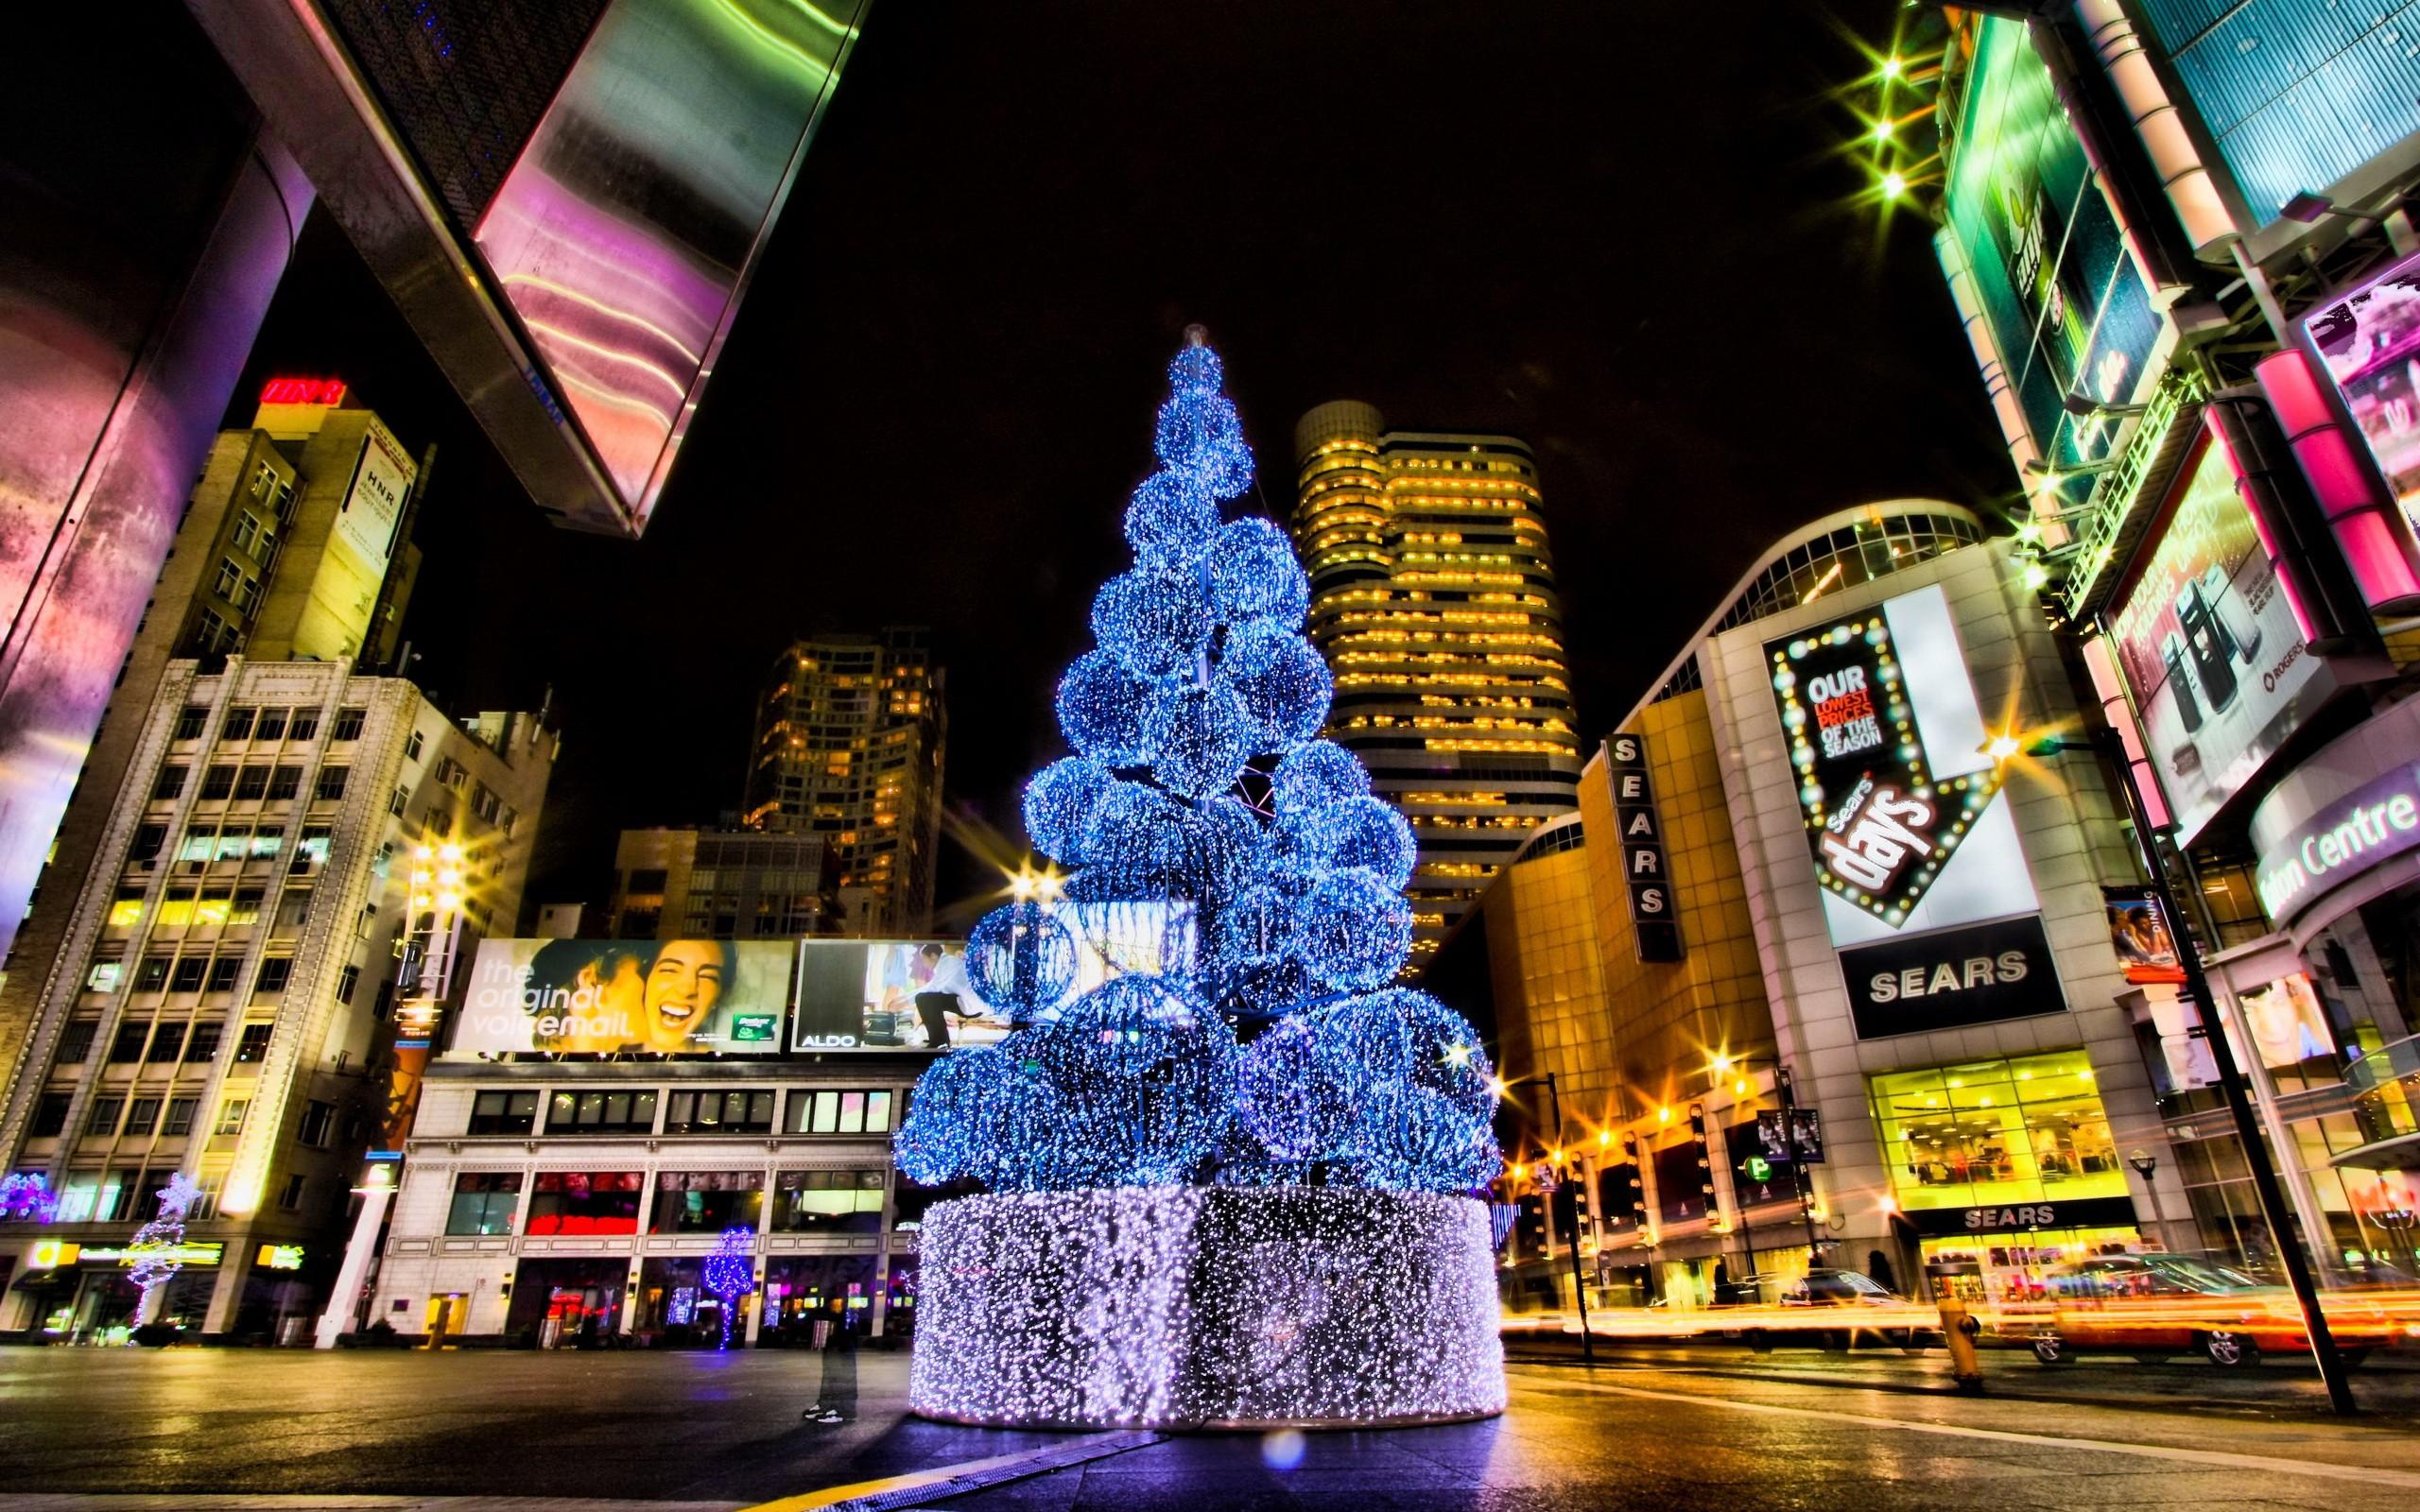 Ciudades con arboles de navidad en calles - 2560x1600